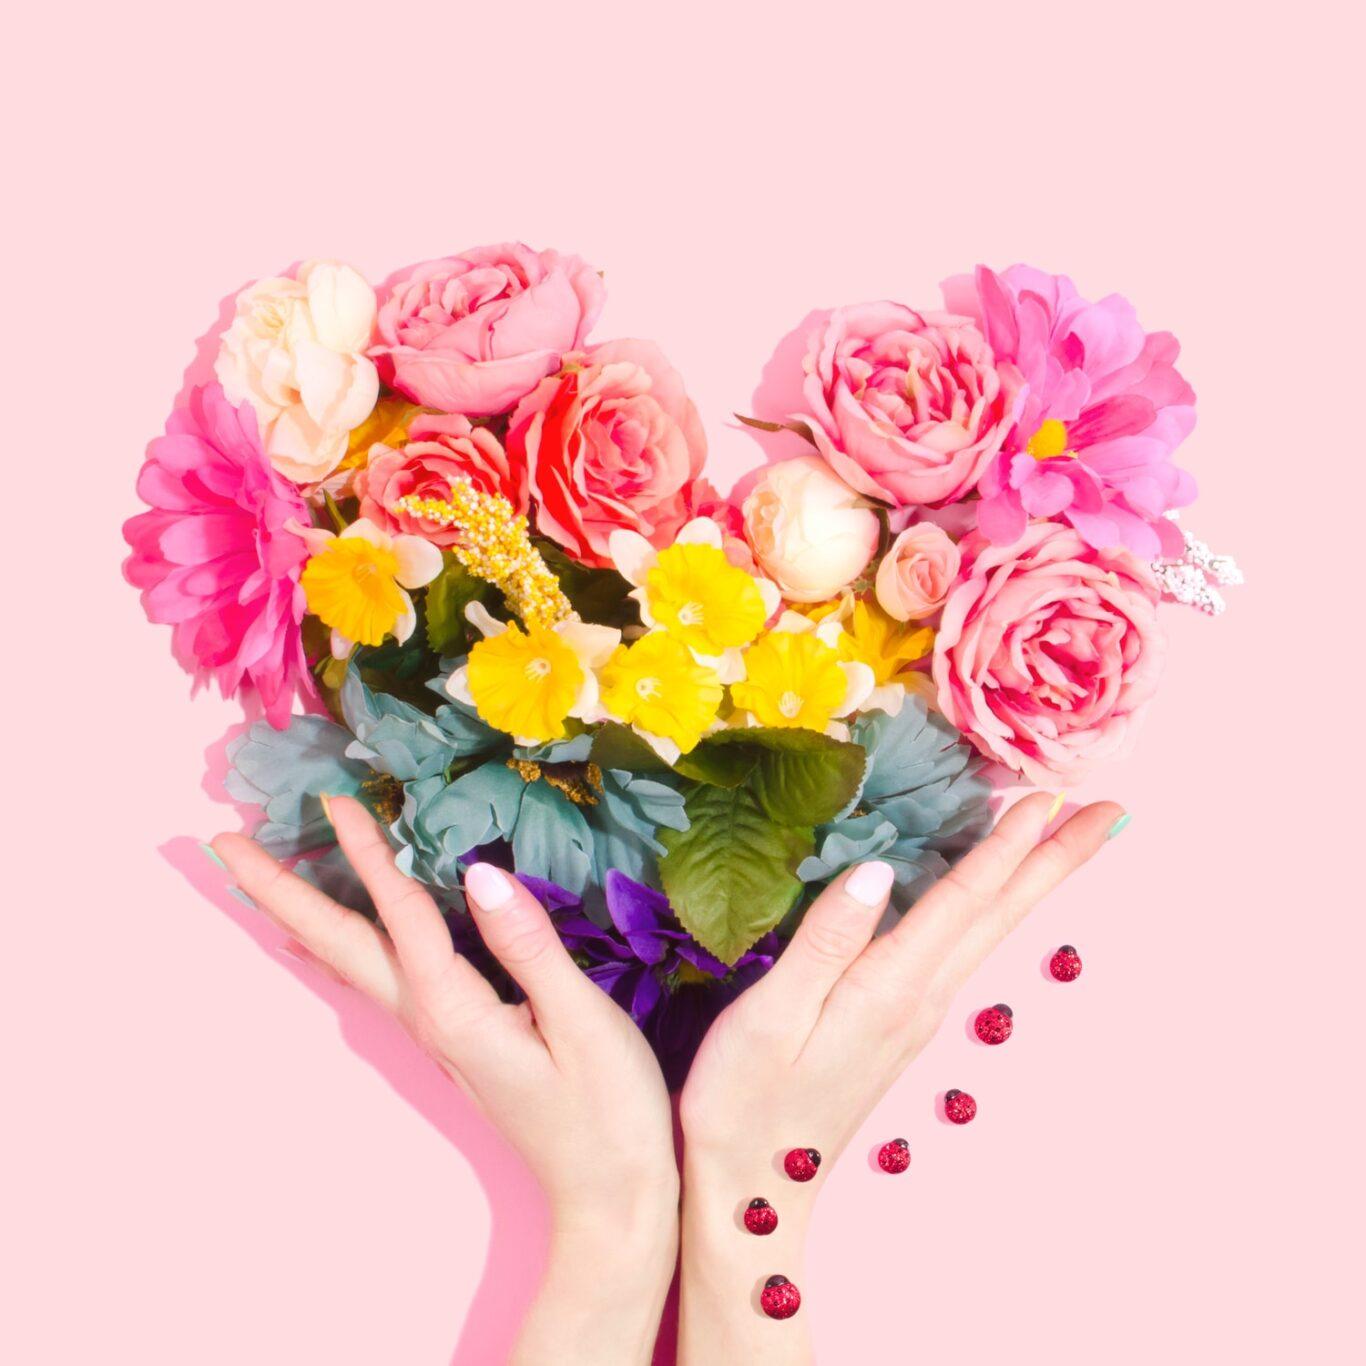 λουλούδια με σημασία